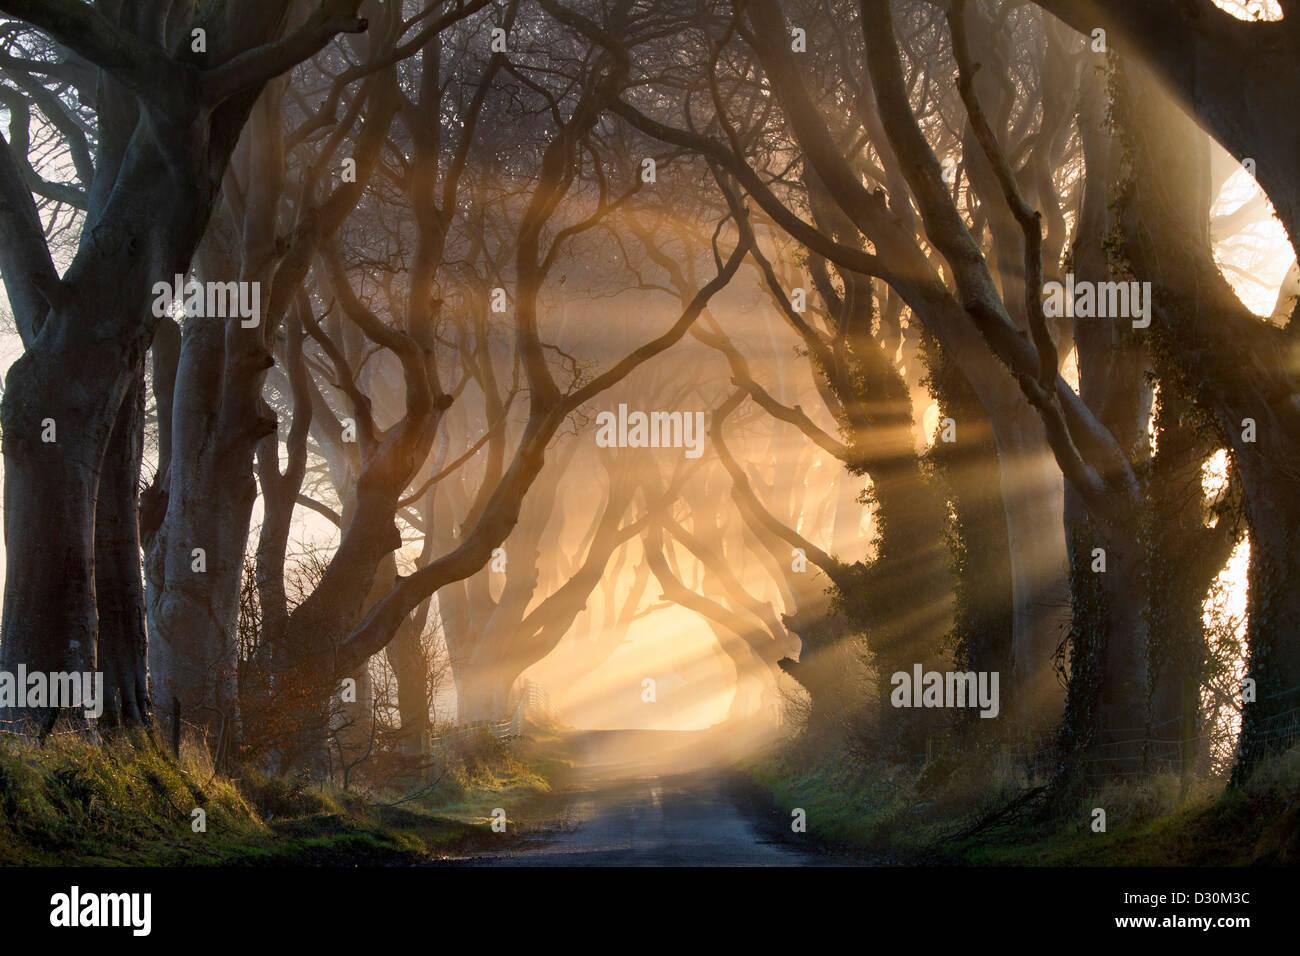 Morgenlicht beleuchten die Allee Baum bekannt als die dunklen Hecken in Nordirland. Stockbild